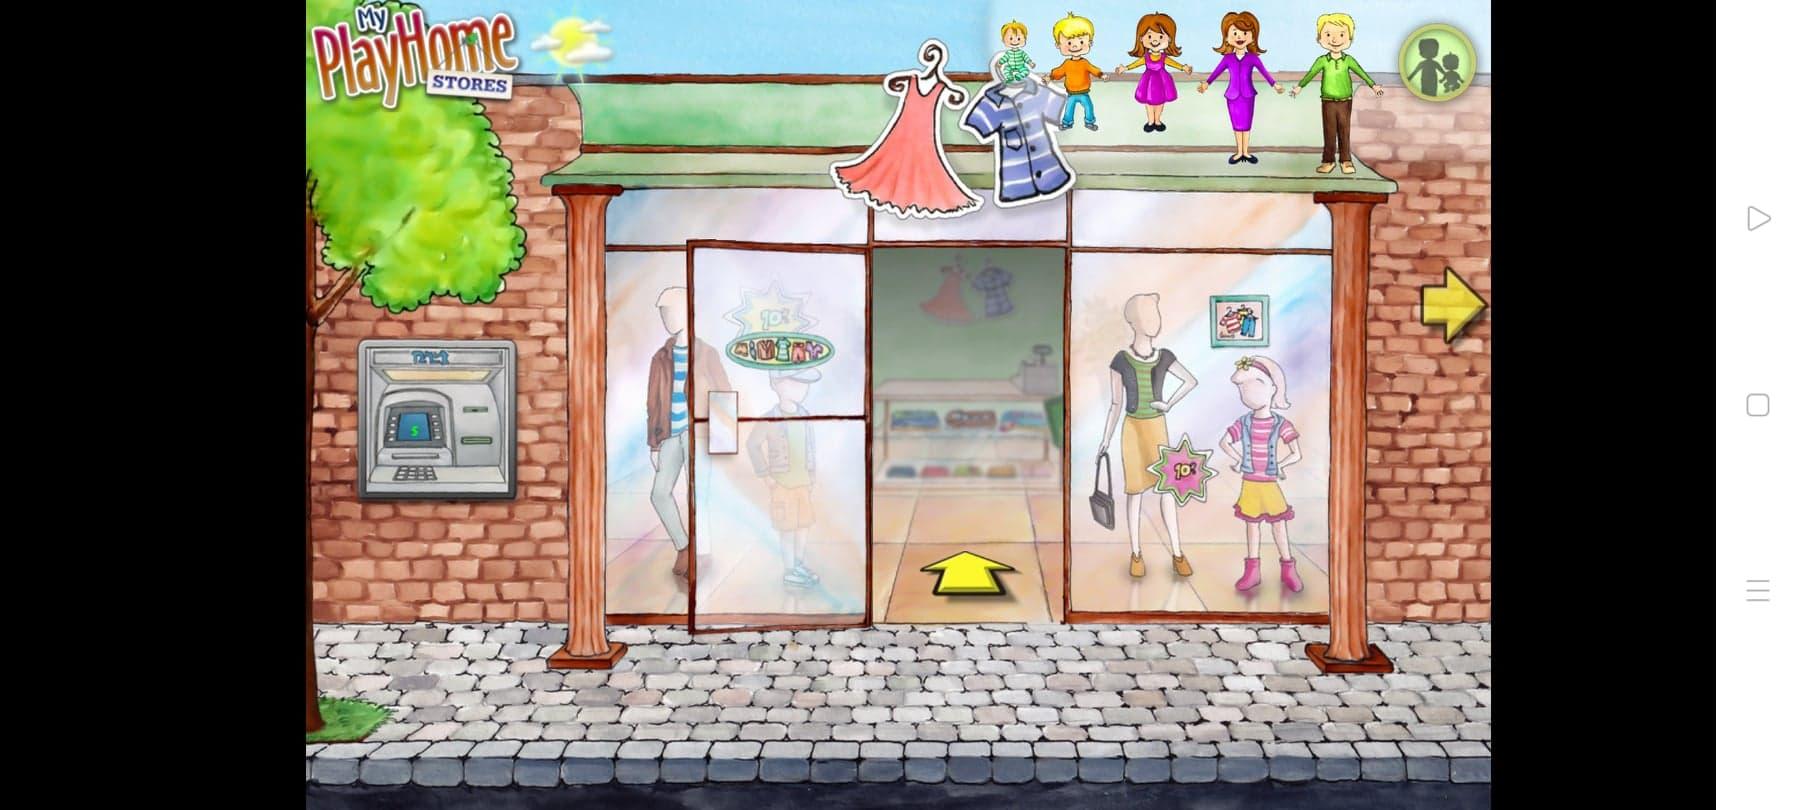 ماي بلاي هوم السوق 7 تحميل ماي بلاي هوم السوق للاندرويد My Play Home Store